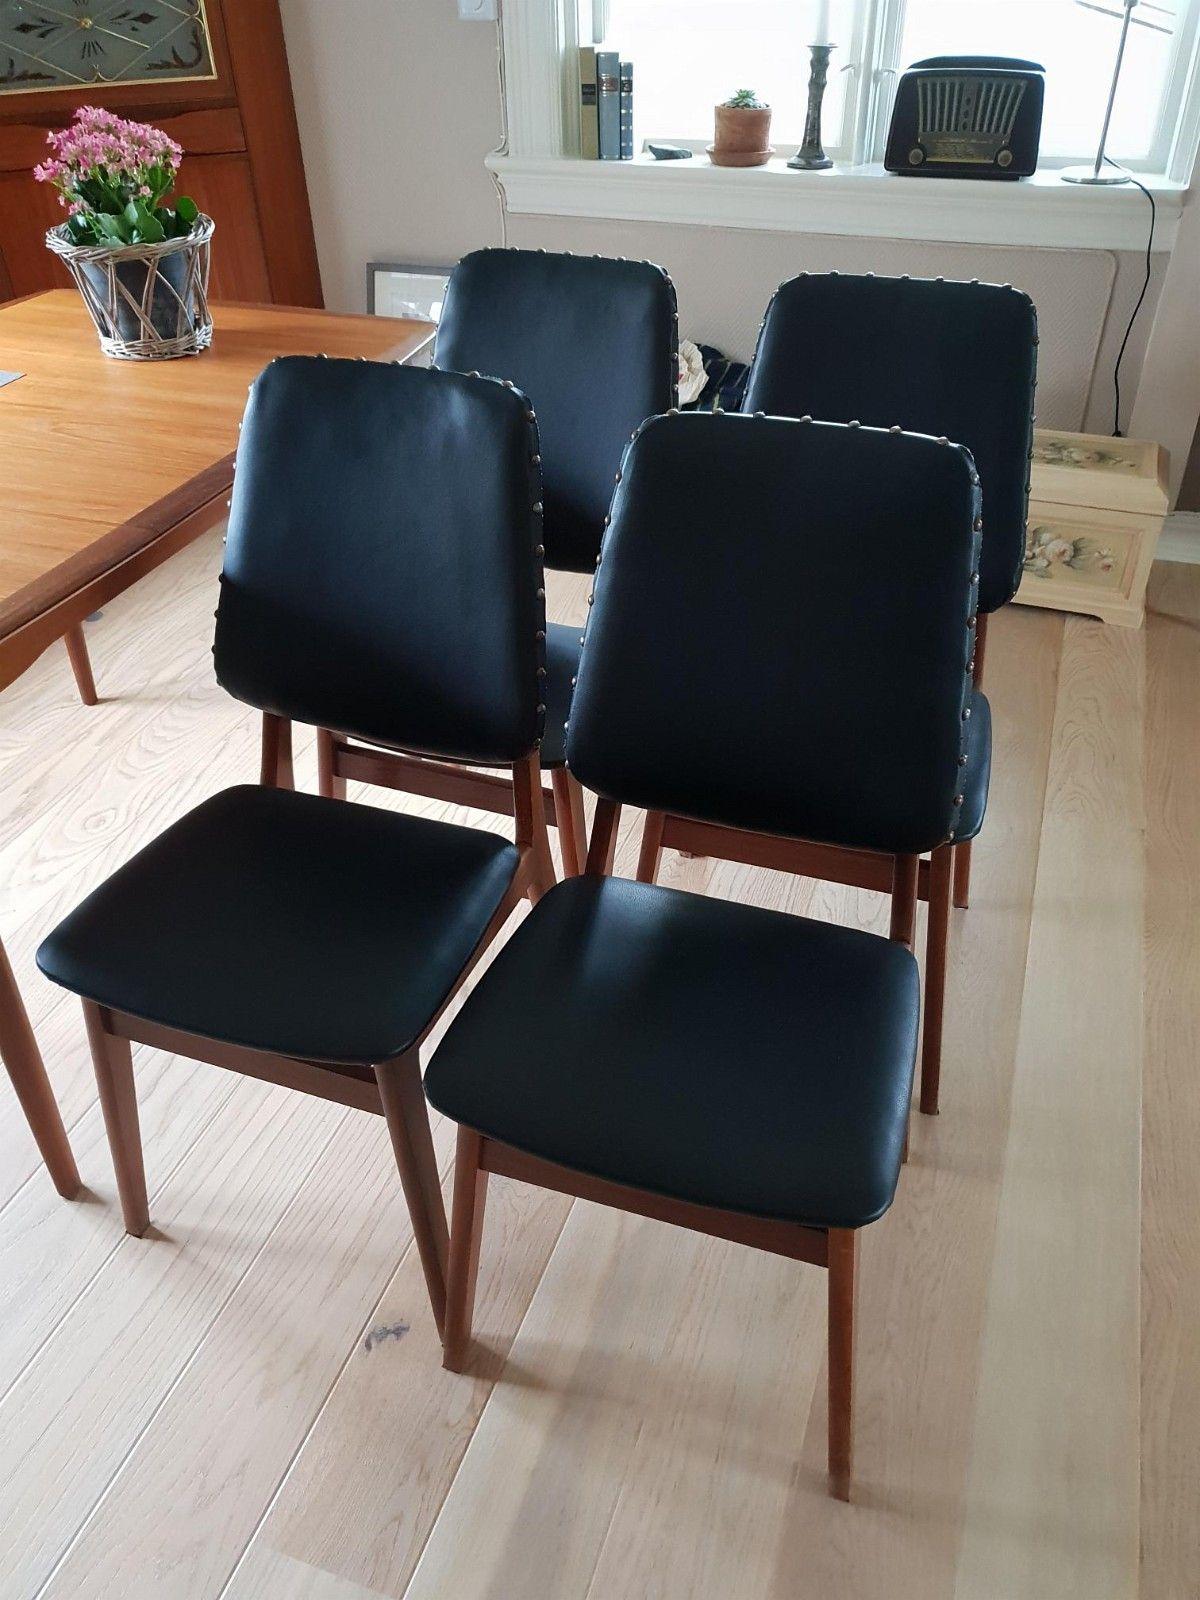 Retro teak stoler 5 Kjøpe, selge og utveksle annonser de